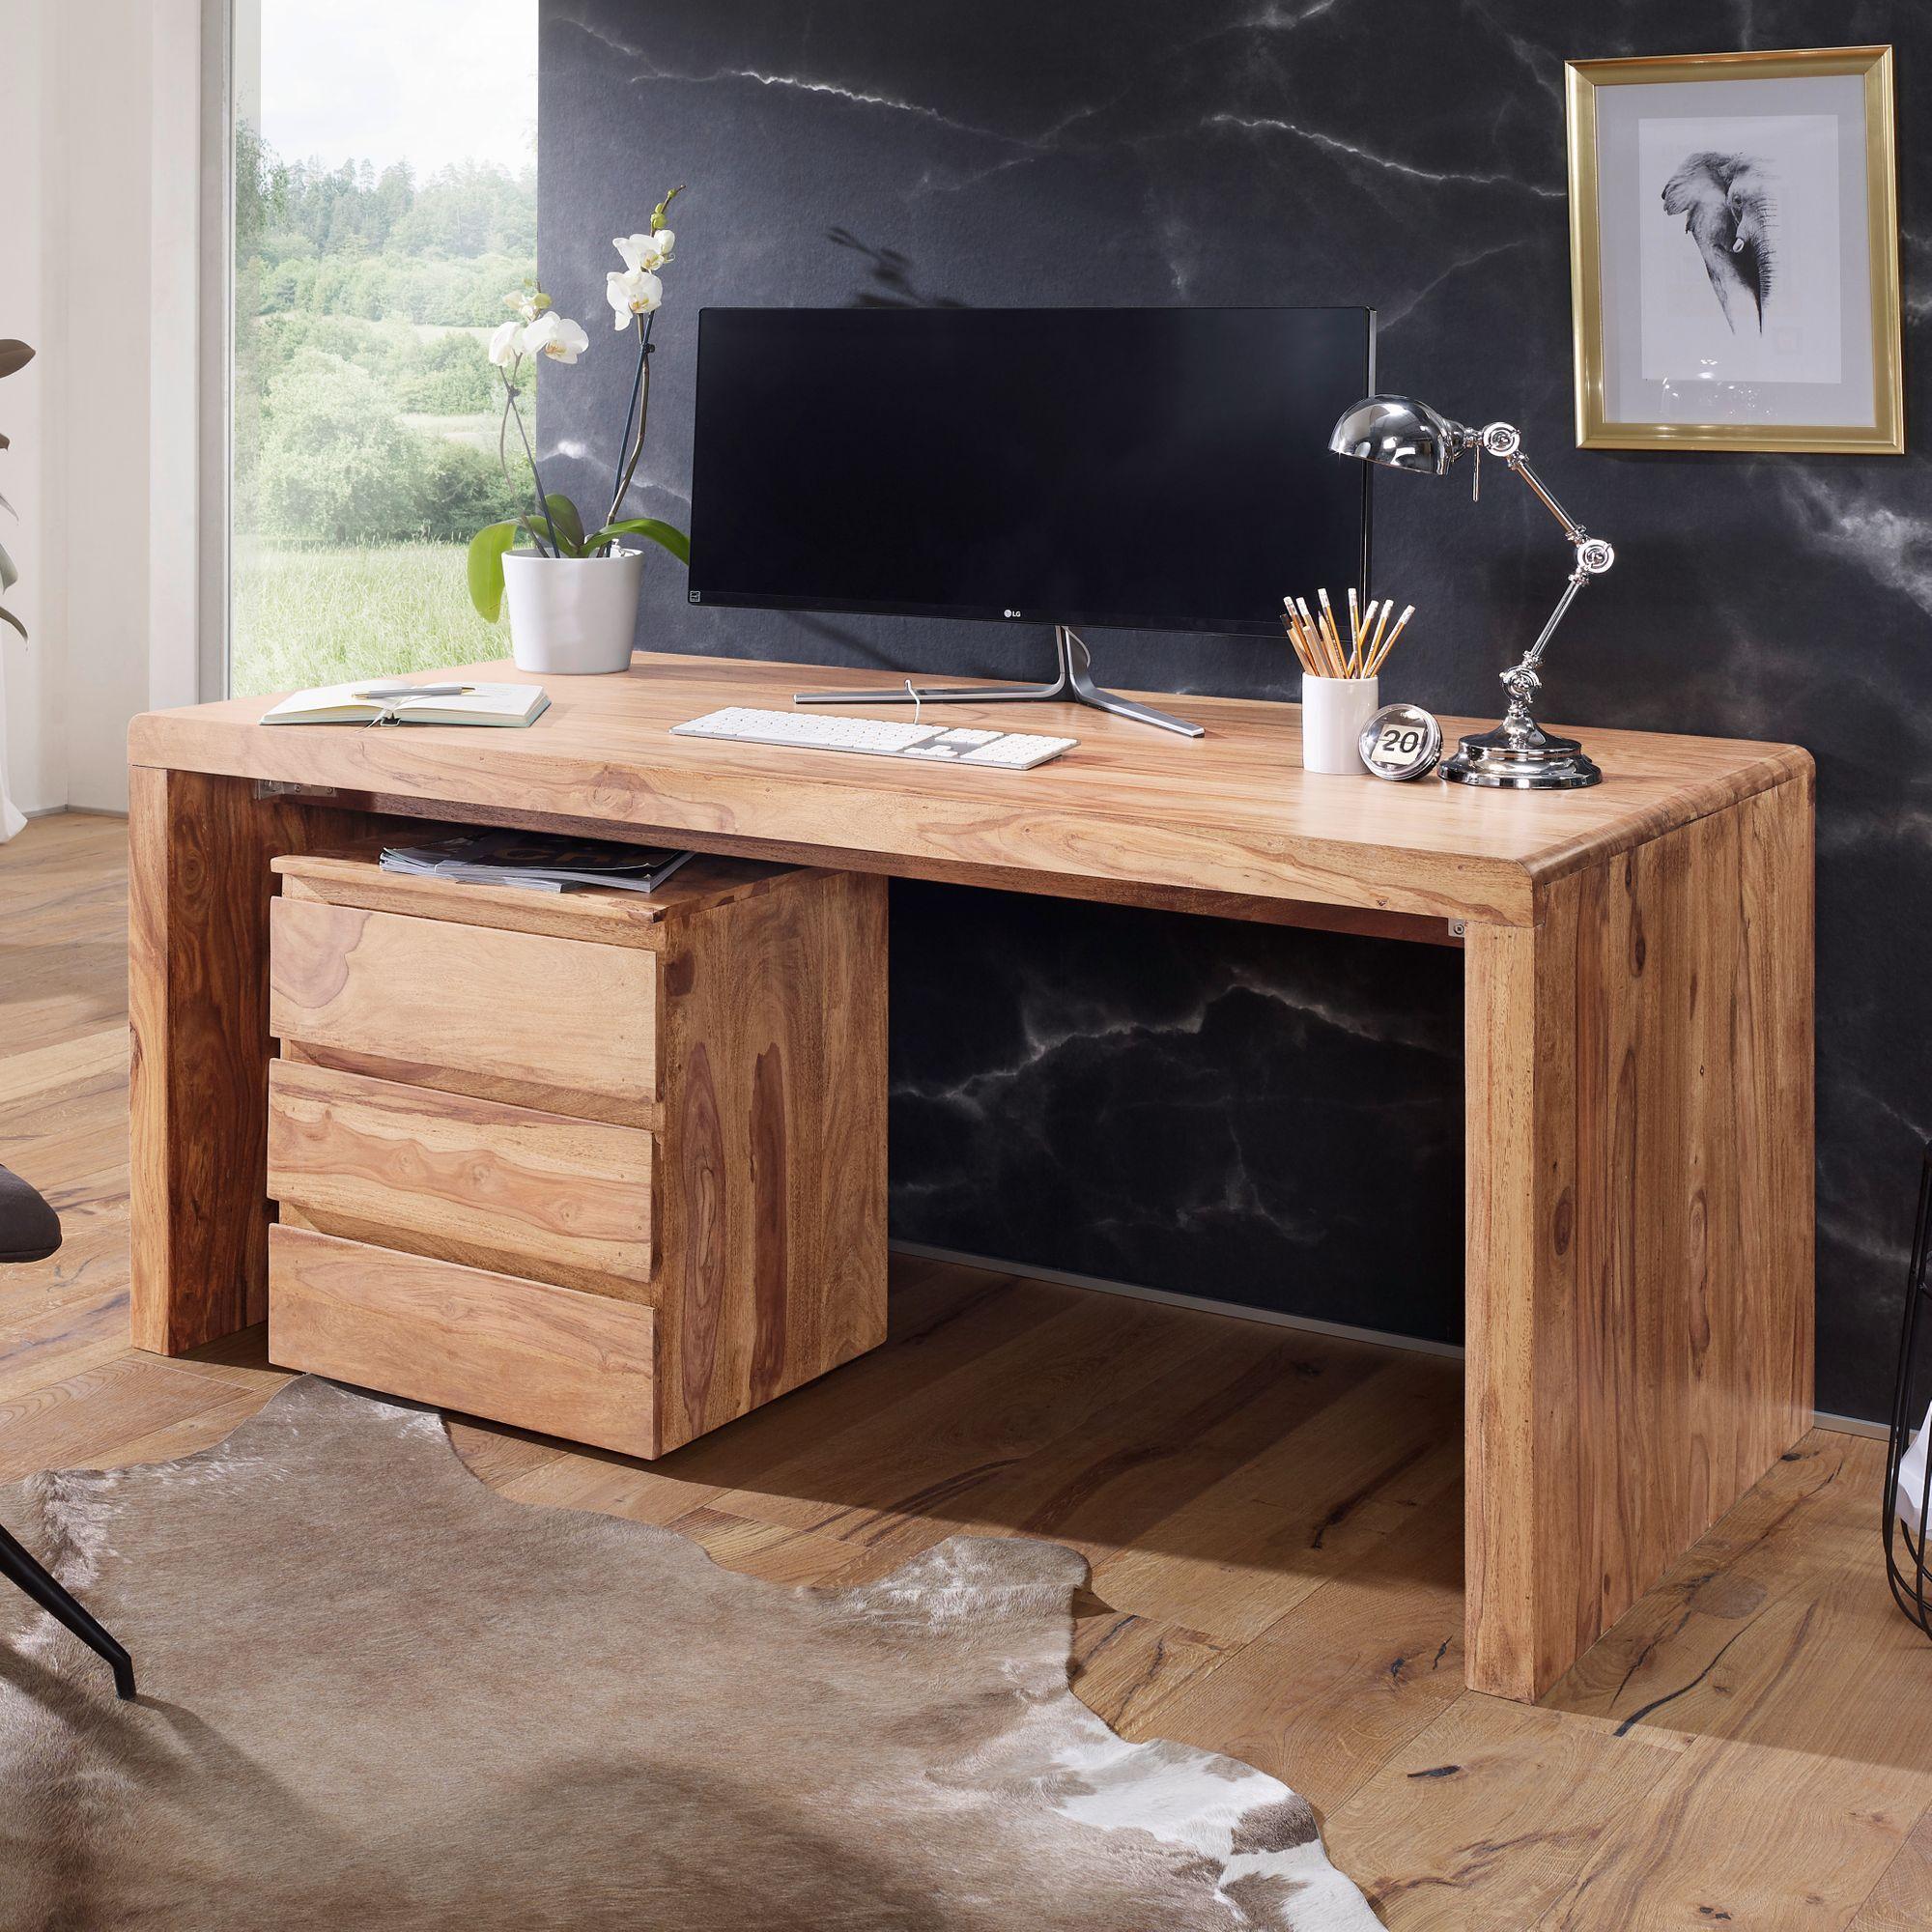 Schreibtisch Massiv Holztisch Akazie Buro Arbeitszimmer Tisch Grosse Wahlbar Design Schreibtisch Schreibtisch Holz Schreibtisch Massivholz